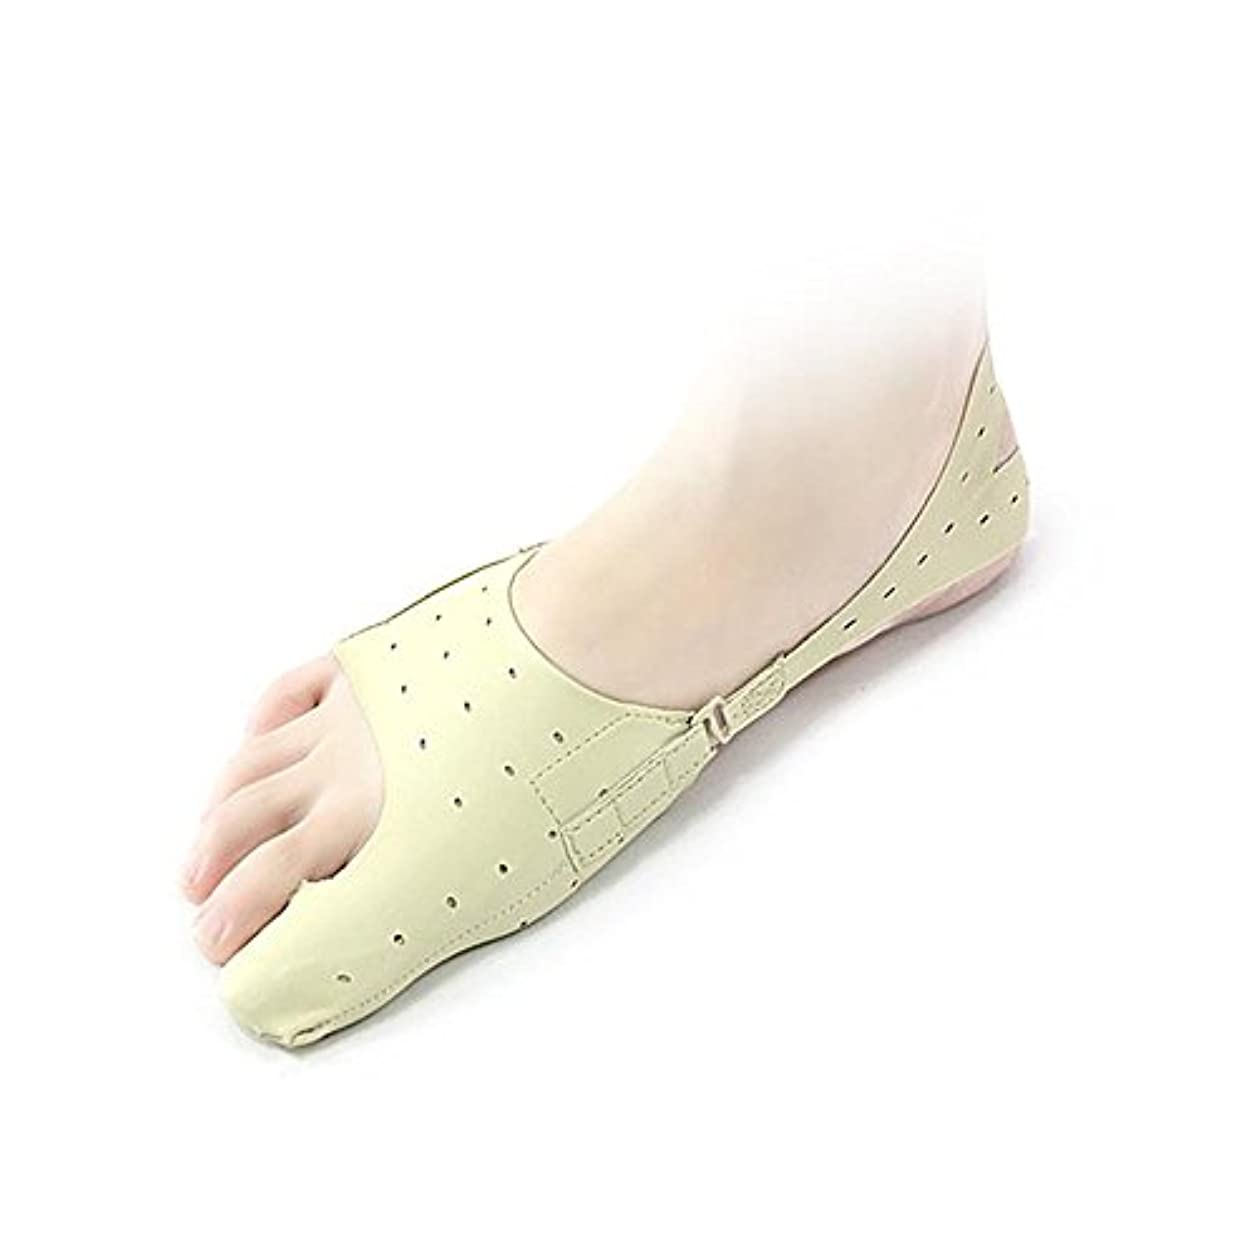 コイン消化器ふざけた1組の腱膜矯正装置、調節可能な足矯正Seperators、仕立て屋腱膜リリーフソックススリーブ、足のつま先プロテクターストレートフットボールのクッションビッグトゥスペーサー - ハンマー重複つま先